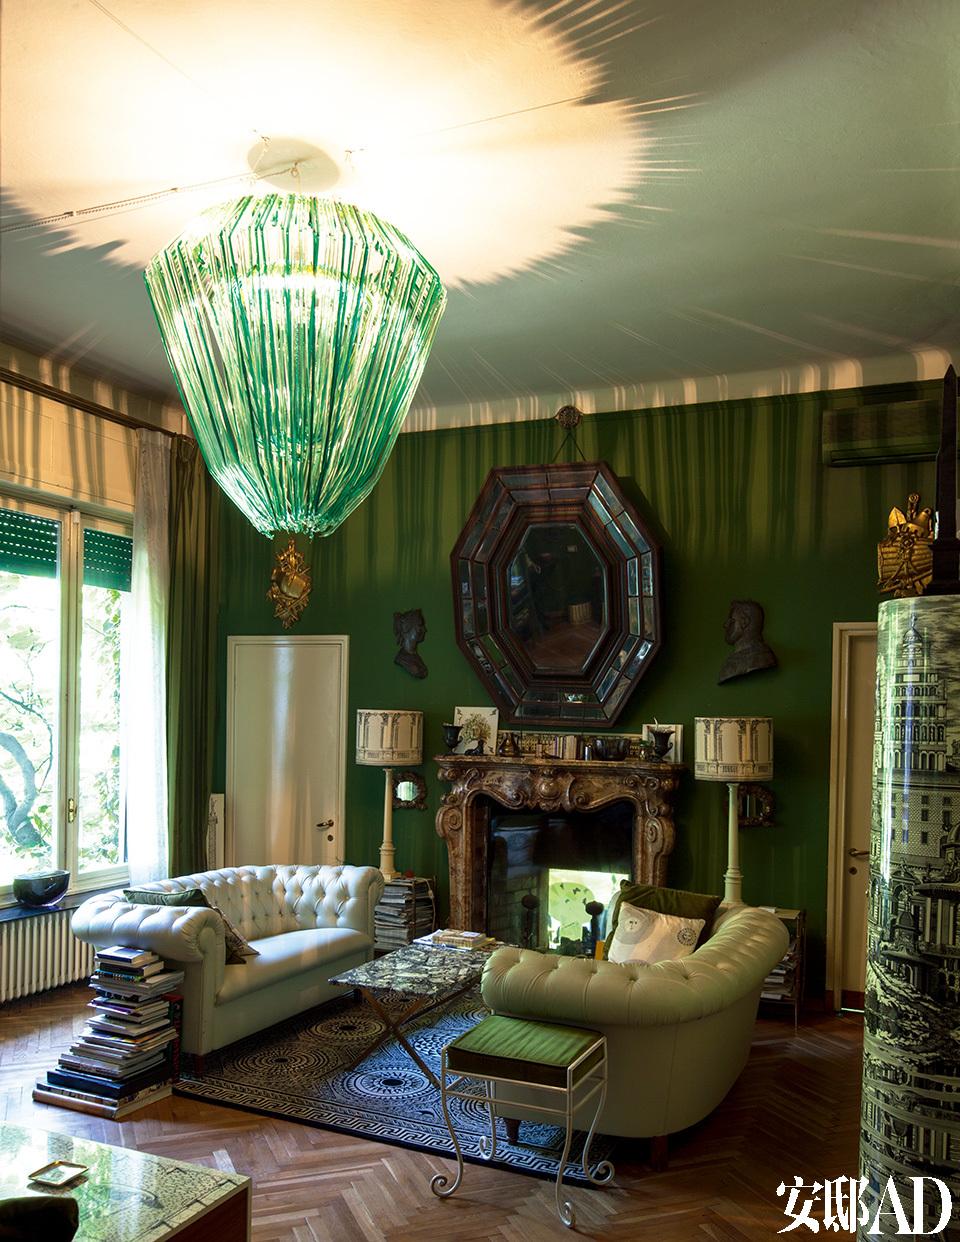 """主人对古董家具的偏爱,淋漓尽致地体现在客厅的布置上。巨型绿色玻璃吊灯,把整个房间映照得朦胧梦幻。位于房子一层的绿色客厅。客厅里的长沙发来自20世纪60年代,Fornasetti家族的羊毛小地毯""""Pavimento""""由手工编织而成,Jacopo Foggini吊灯是由Metralicato生产的。"""